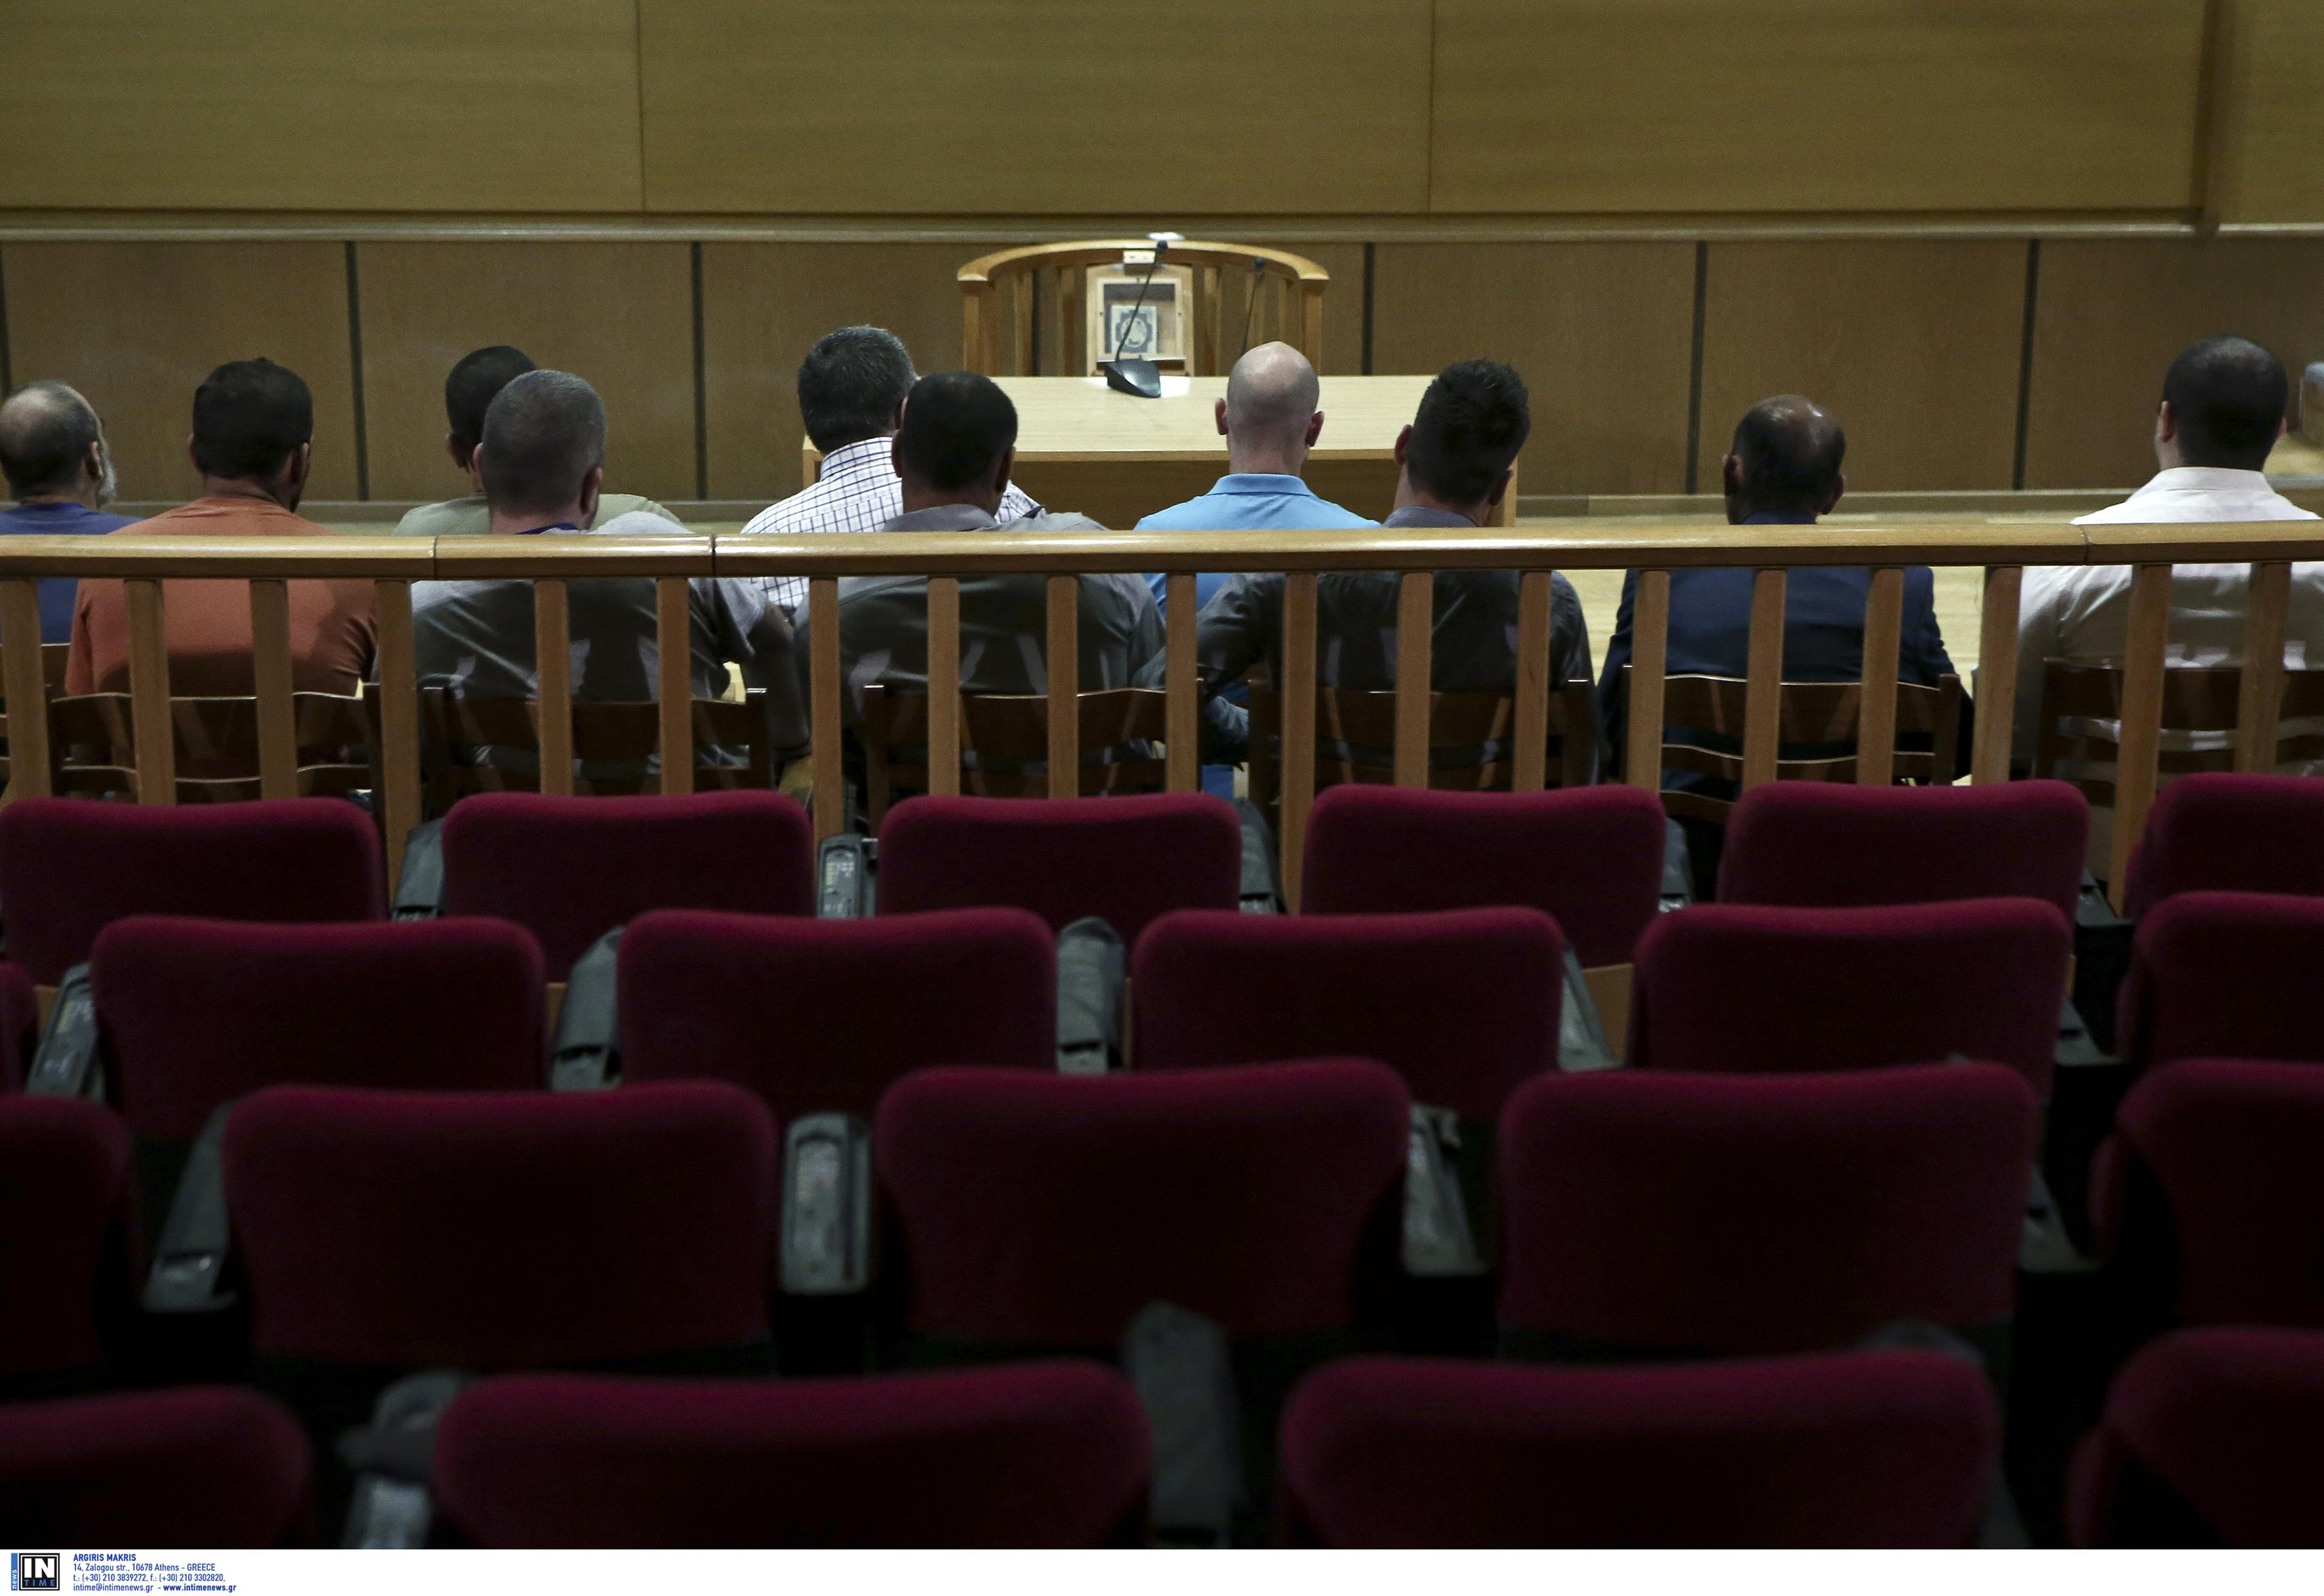 Δίκη Χρυσής Αυγής: «Δεν πήγα πουθενα ως κουκουλοφόρος ή ως Σούπερμαν - Μπήκα να τους χωρίσω κι έφαγα ξύλο»